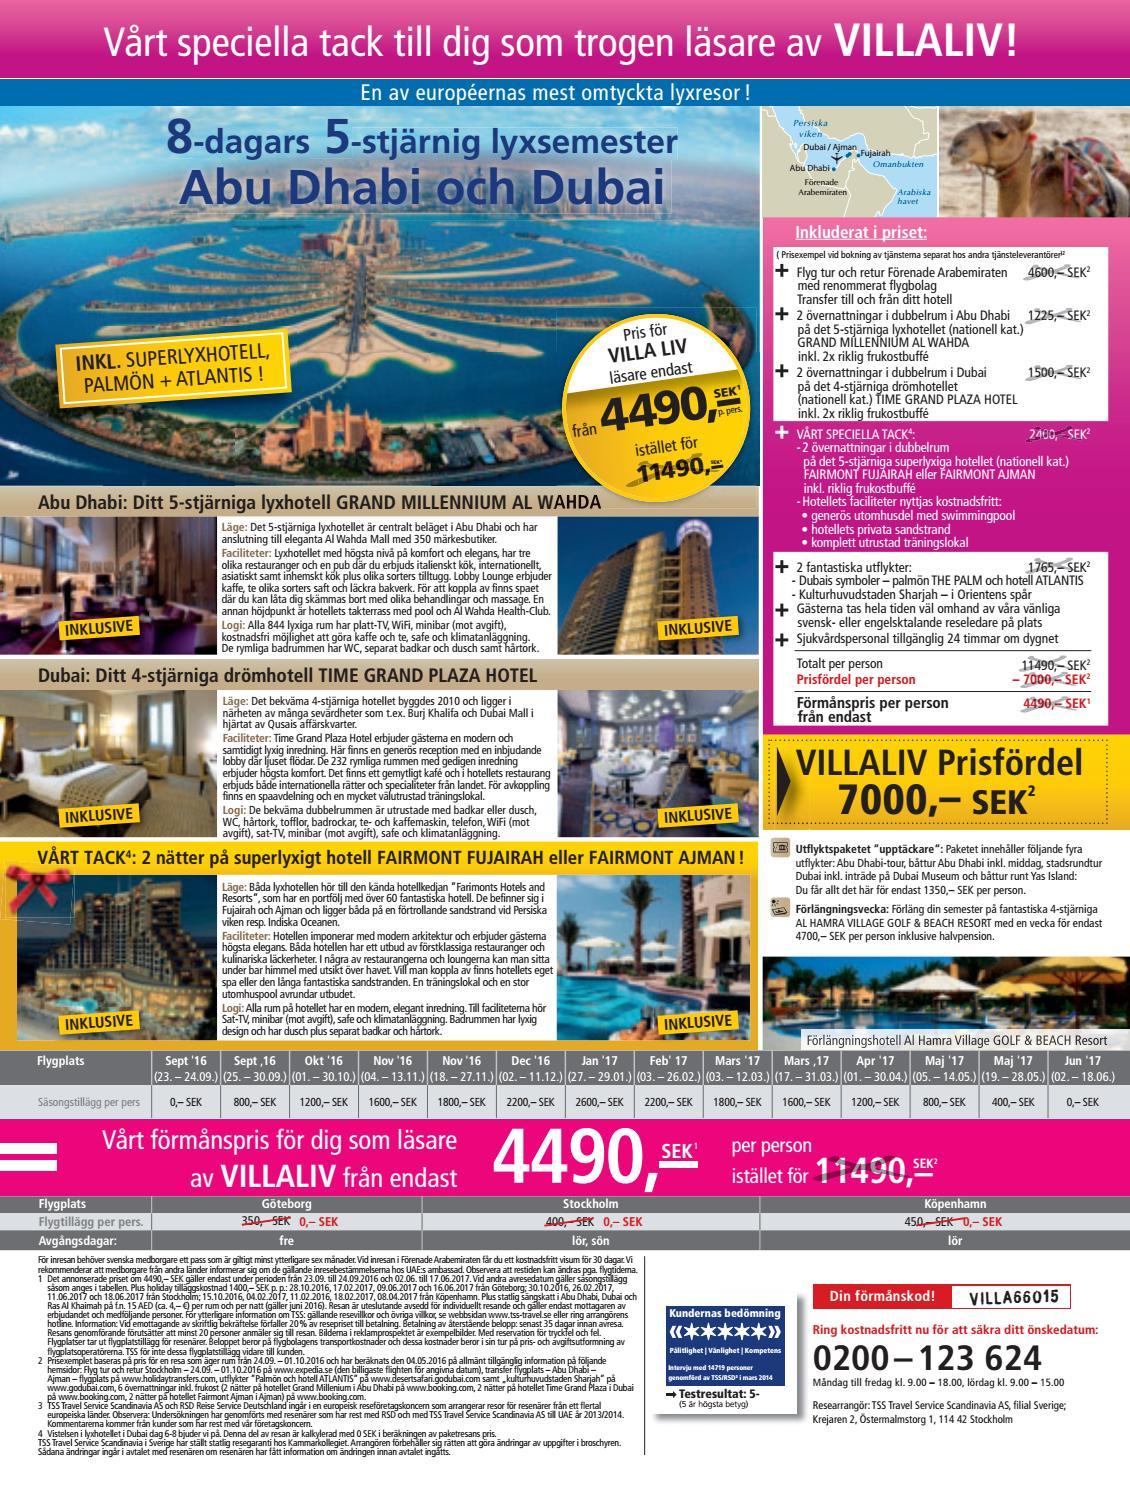 var man kan ansluta sig i Abu Dhabi